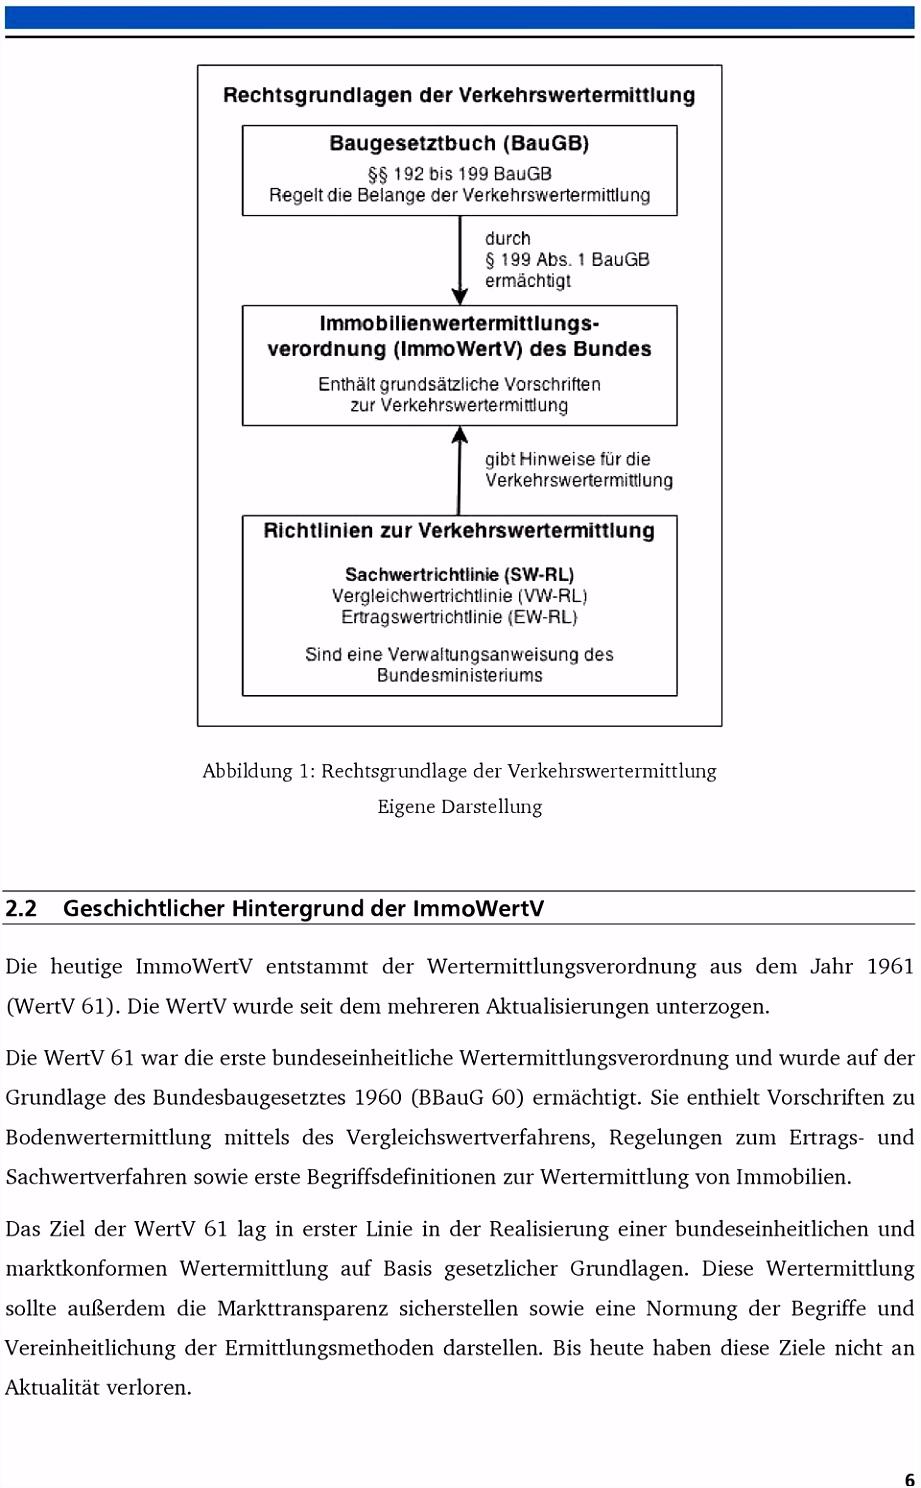 Immobilienwertermittlung nach der Sachwertrichtlinie PDF